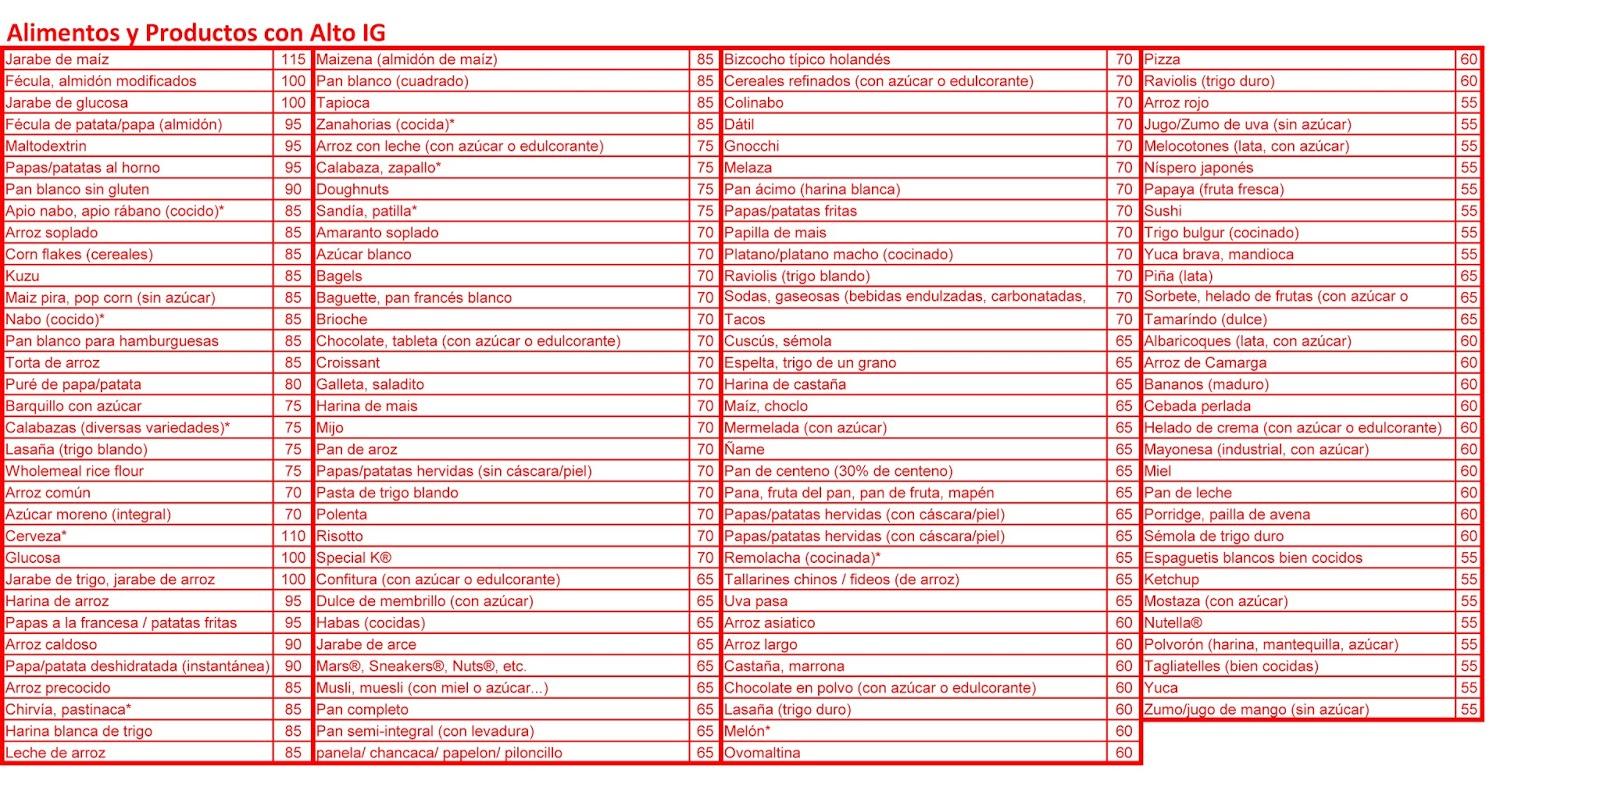 Tablas De Índice Glucémico De Los Alimentos